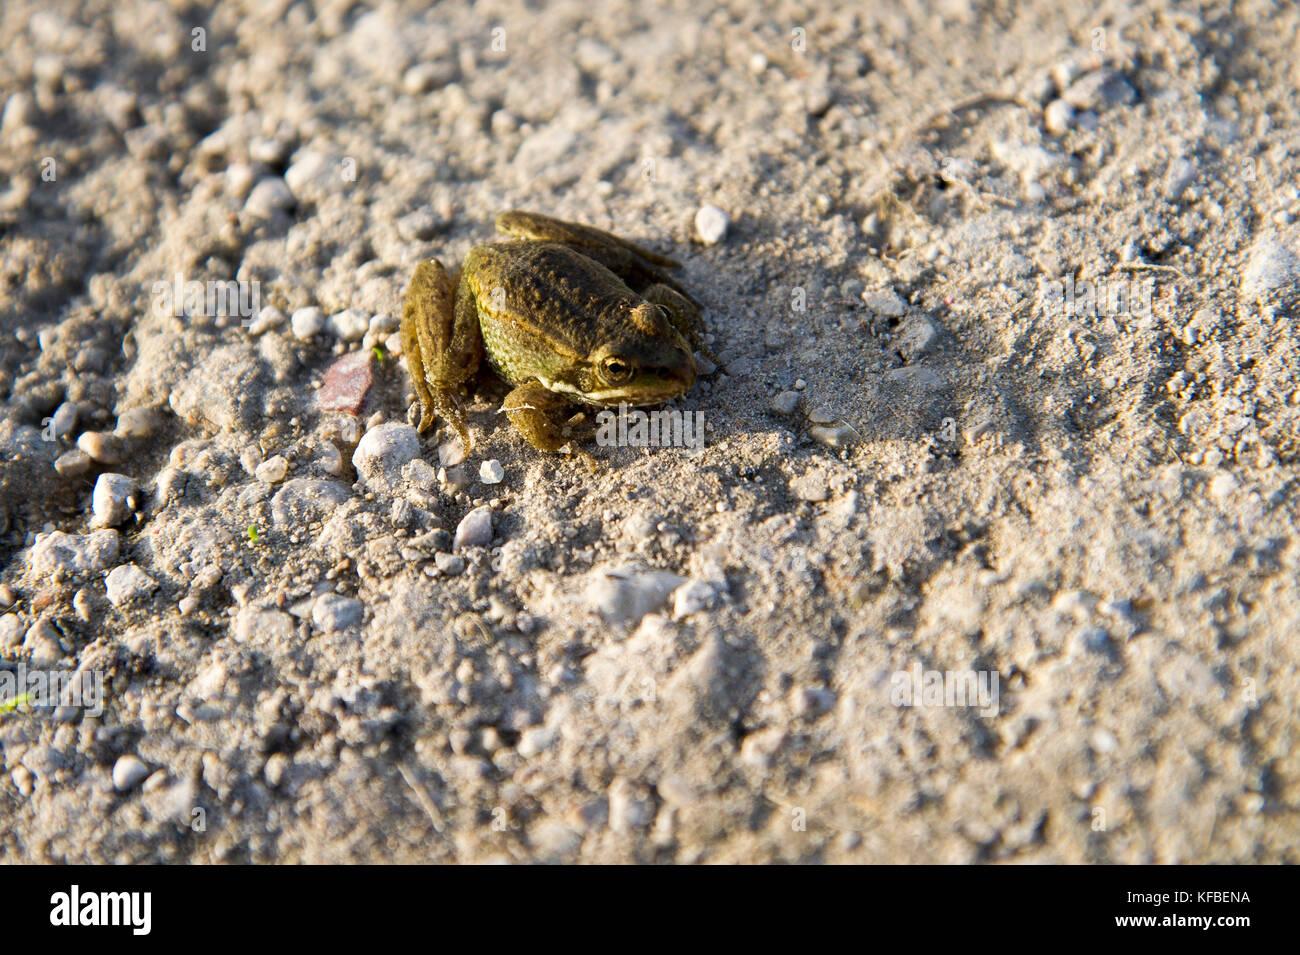 Frog © Wojciech Strozyk / Alamy Stock Photo - Stock Image